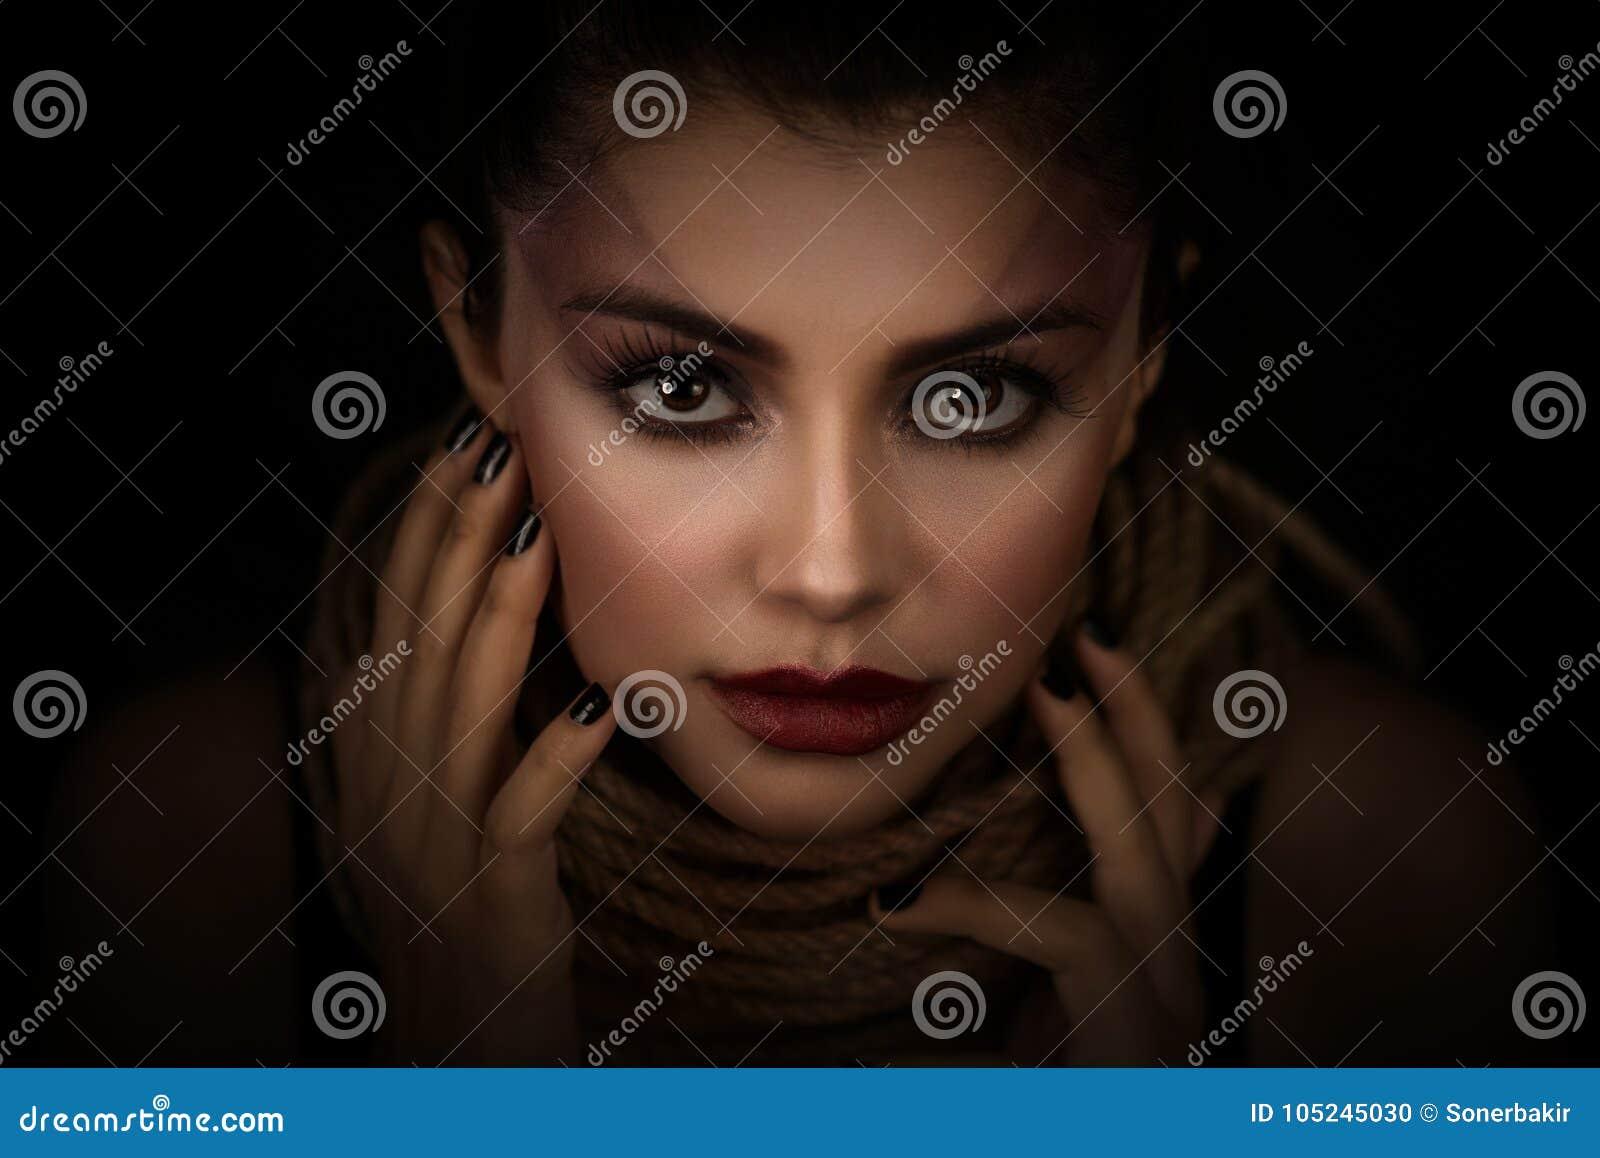 Porträt der jungen Frau über Seil mit schwarzem Hintergrund Mode, außerordentliches Make-up und Face lifting-Konzept